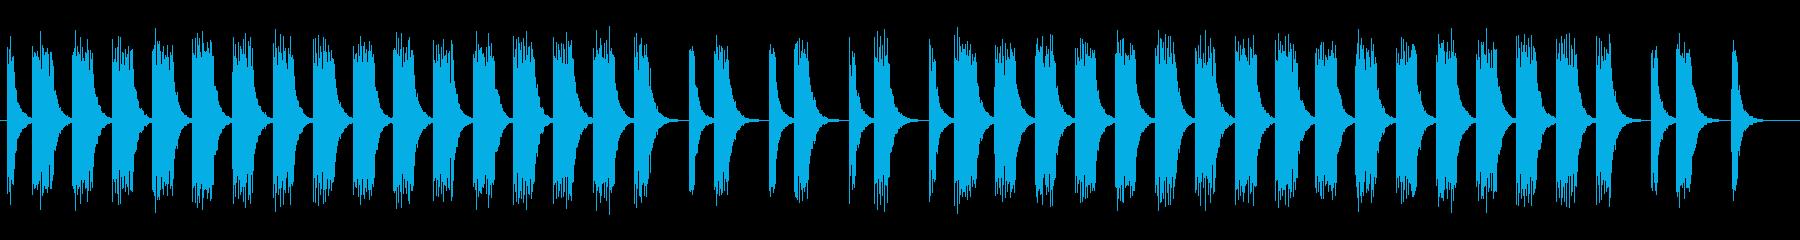 低く神妙な面持ちの曲の再生済みの波形